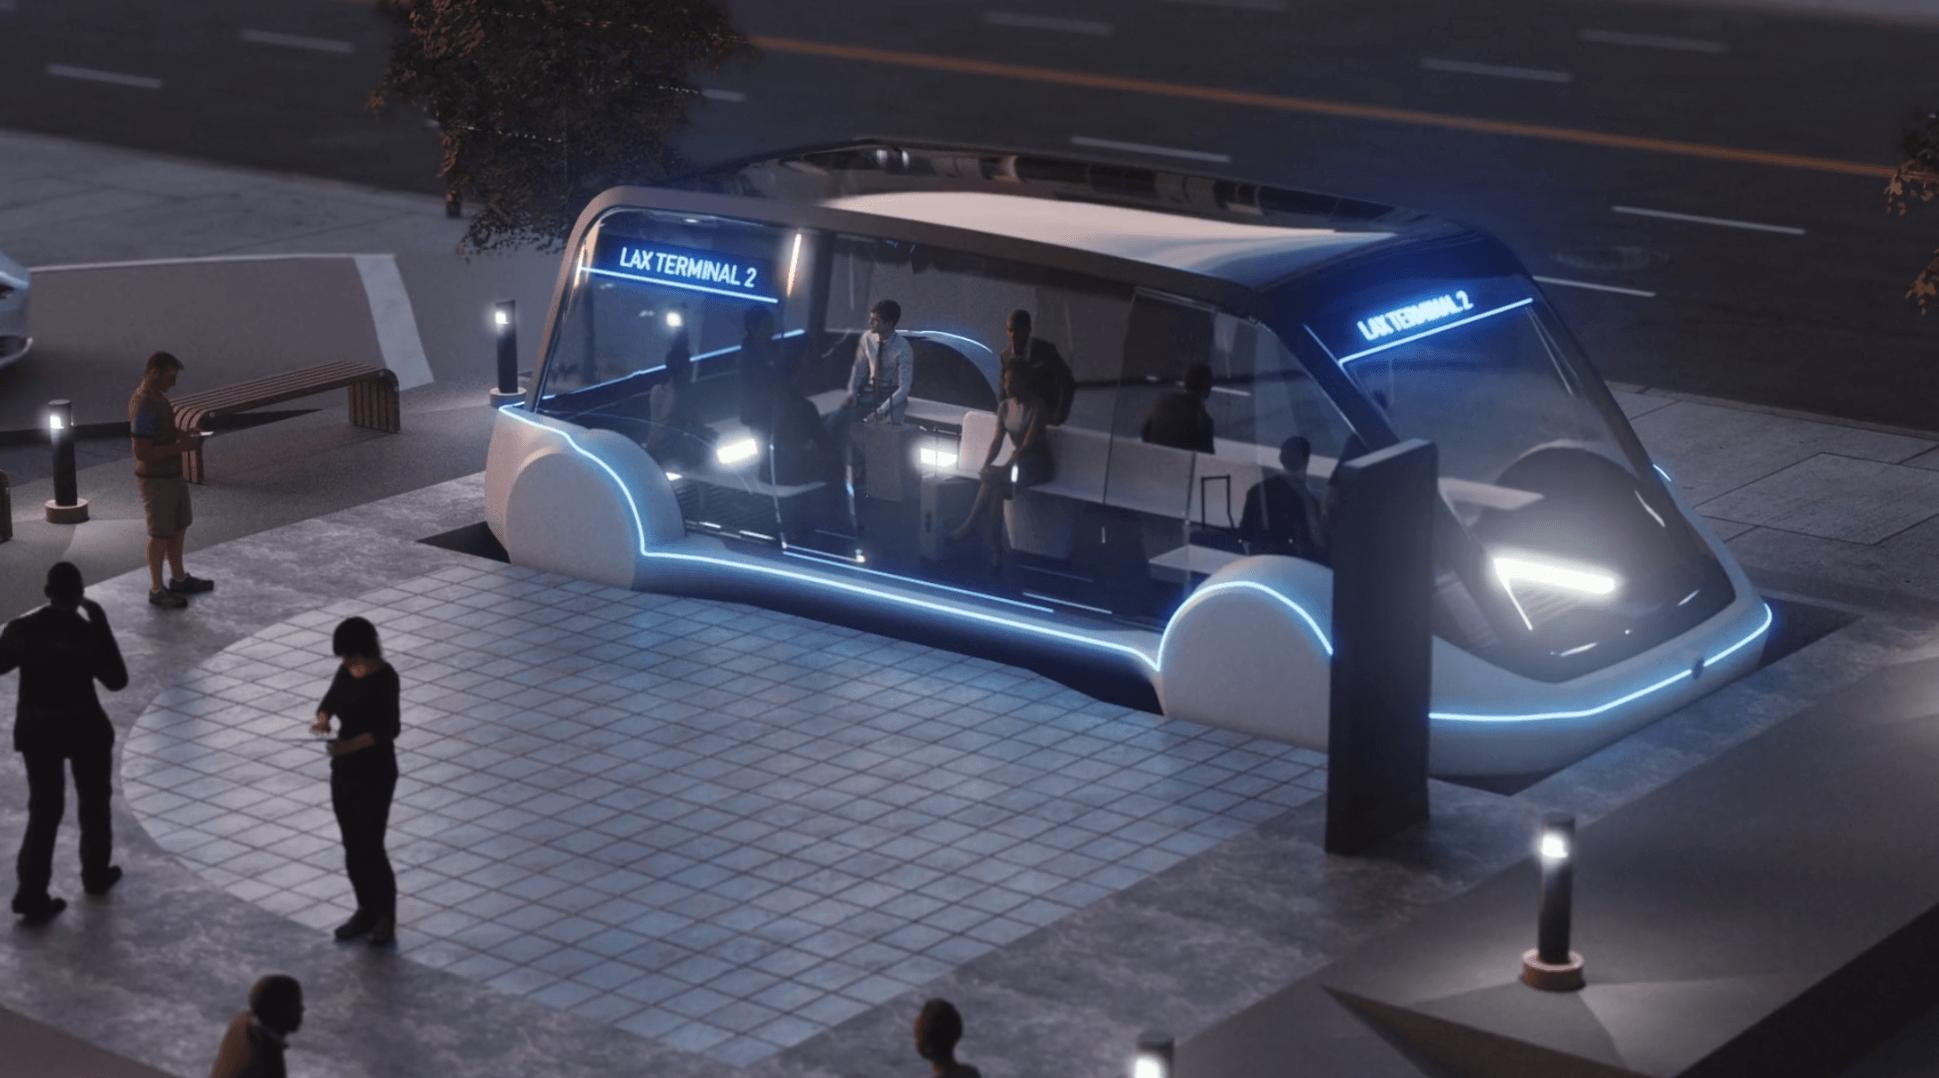 Z centrum miasta na lotnisko za 1 dolara. Elon Musk obiecuje szybkie podróże tunelami pod Los Angeles 21